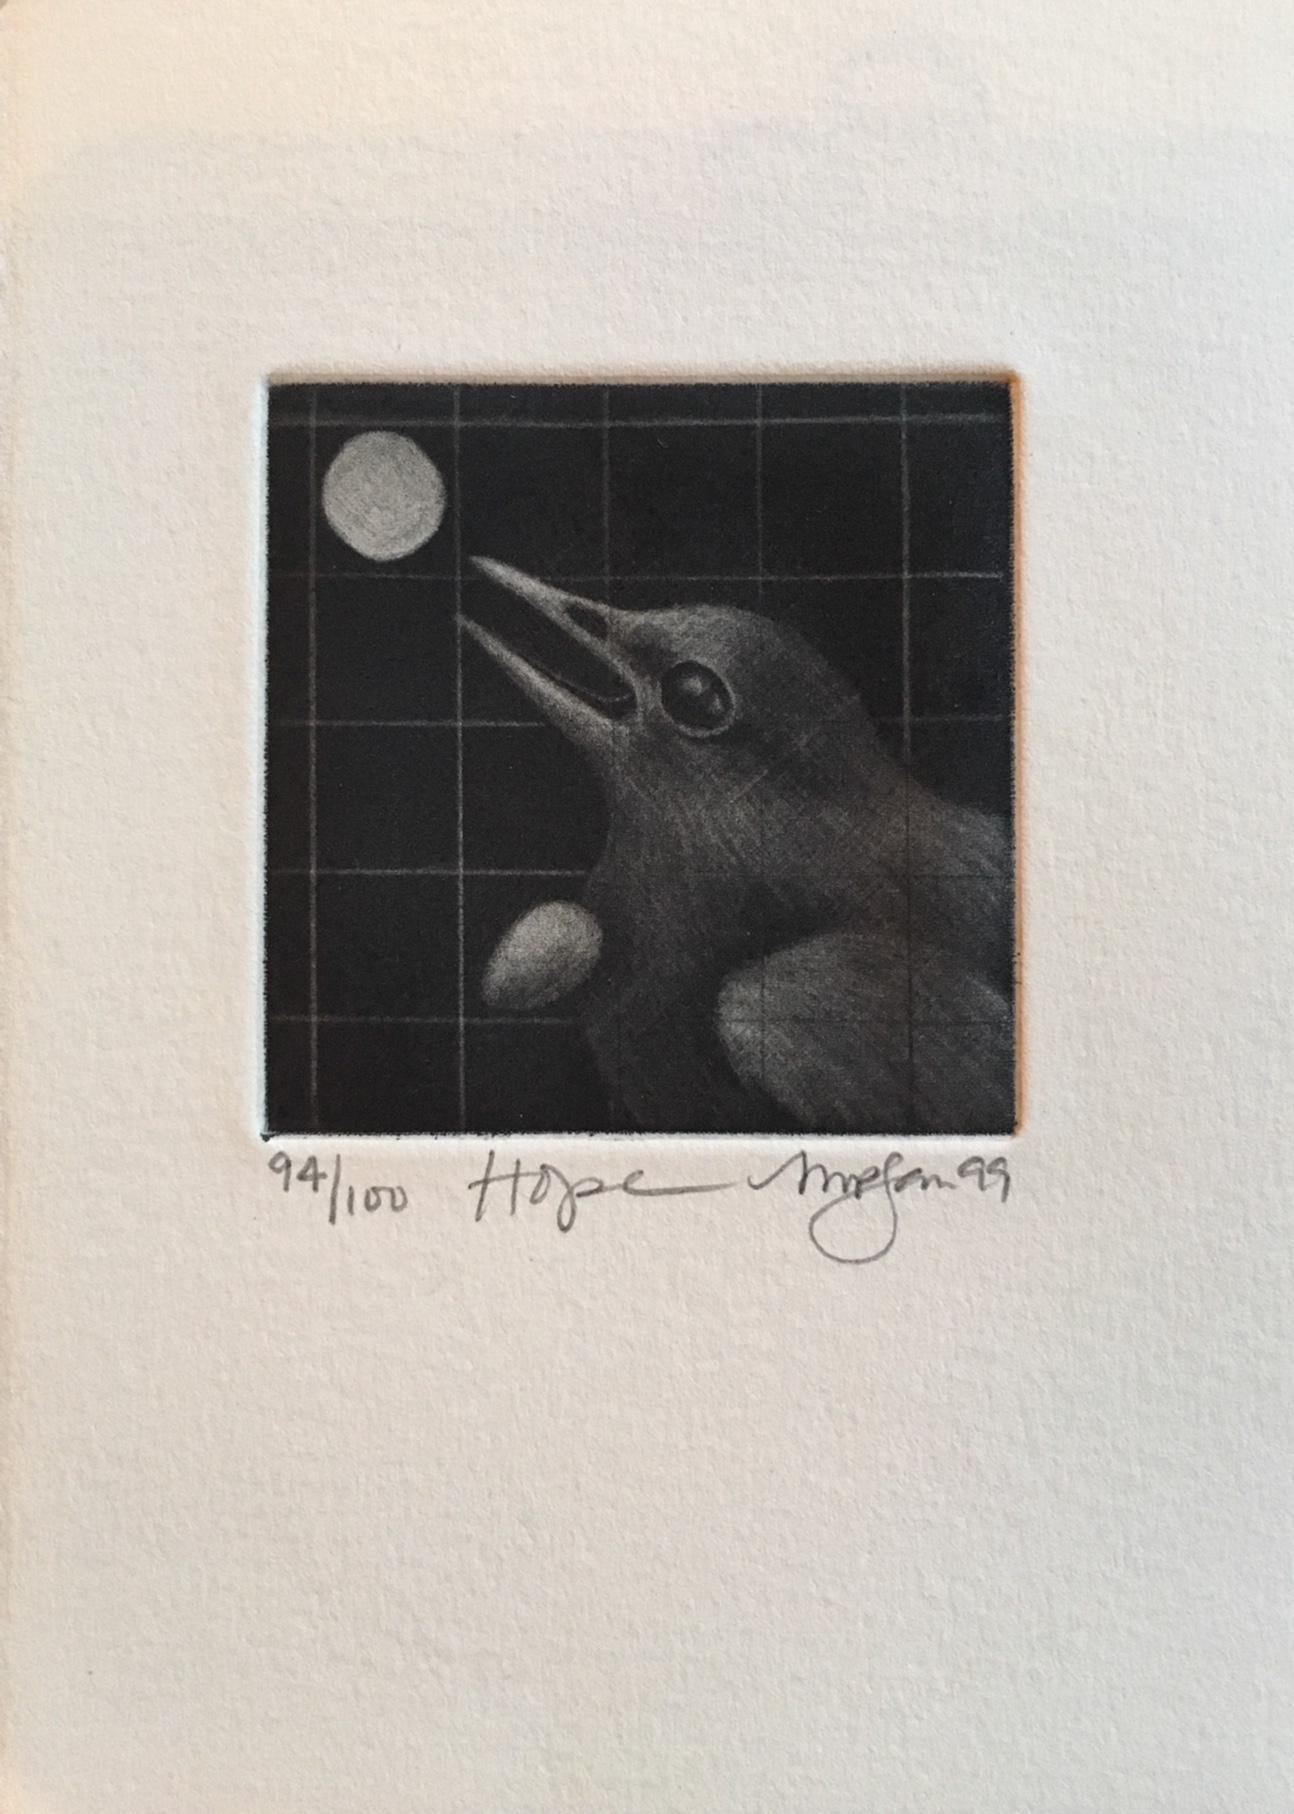 Martha Pfanschmidt, Hope, mezzotint